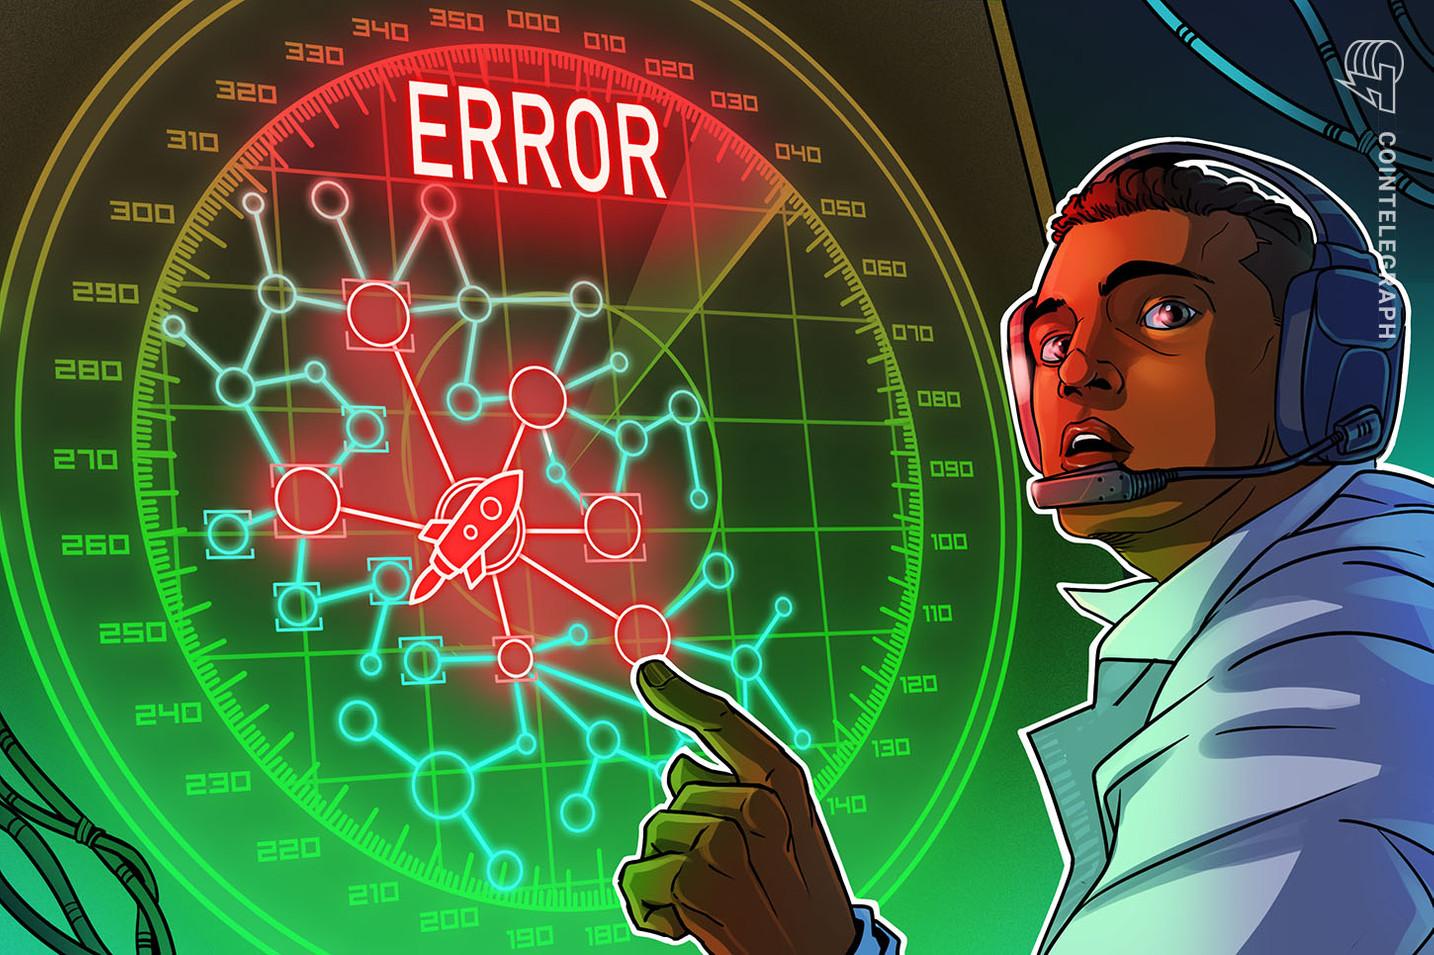 分散型仮想通貨取引所Bisq、「重大なセキュリティ上の脆弱性」で一時的に取引を無効化